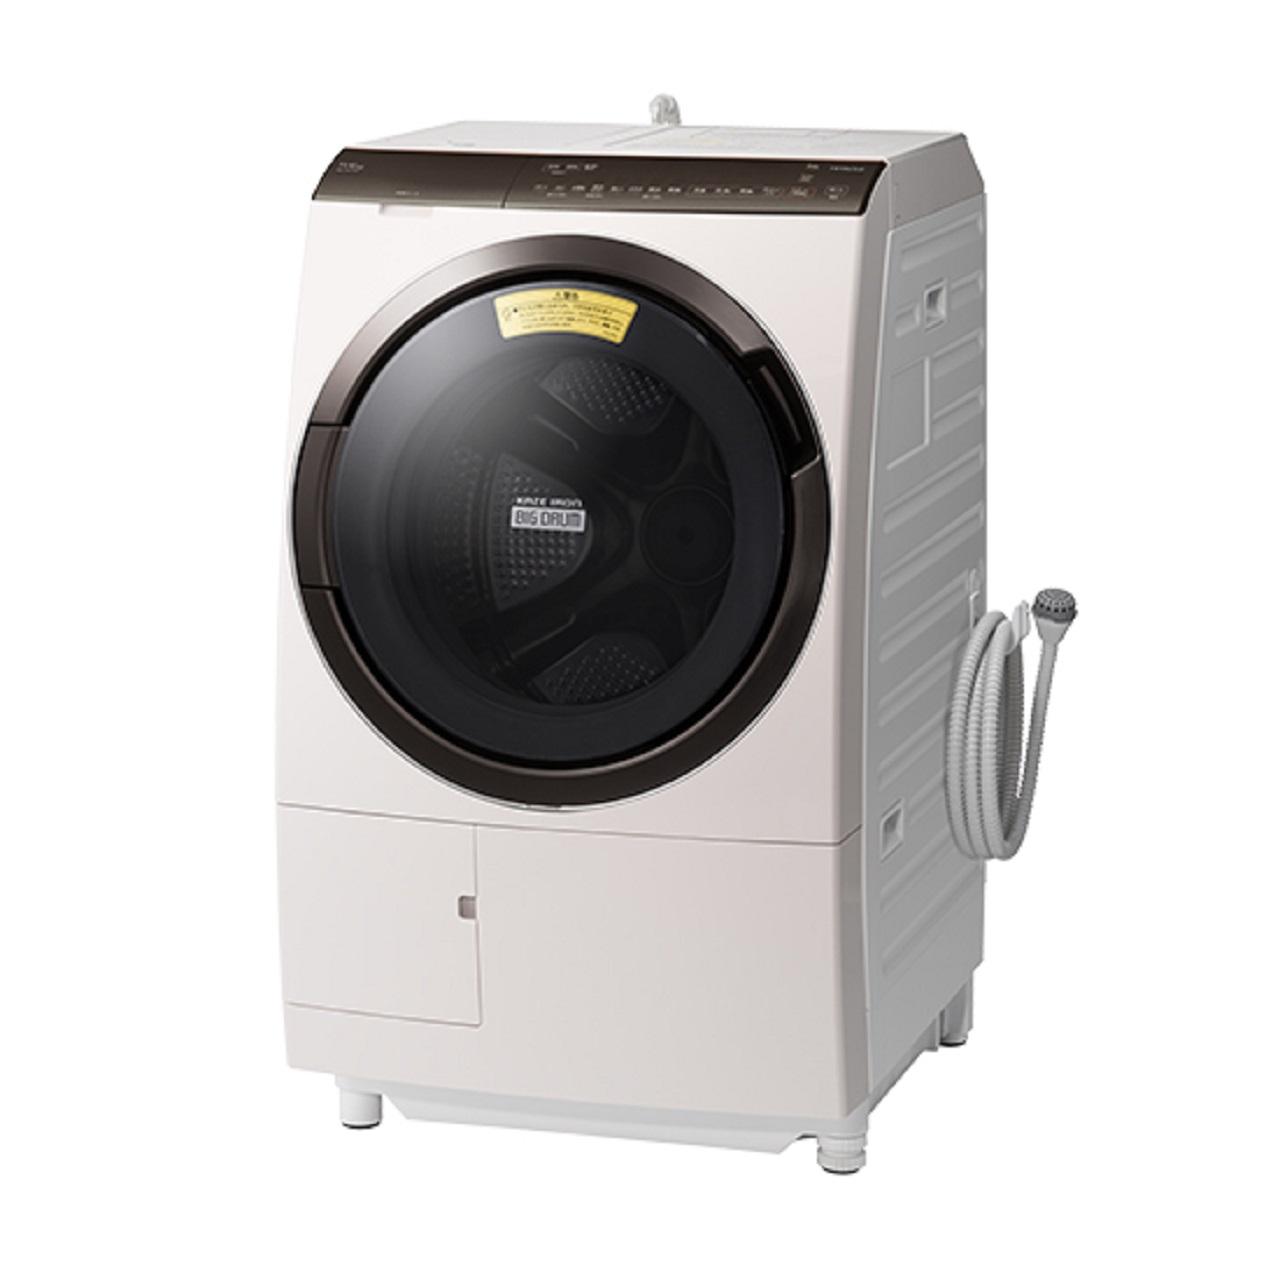 日立ビッグドラムBD-SX110Fドラム式洗濯乾燥機